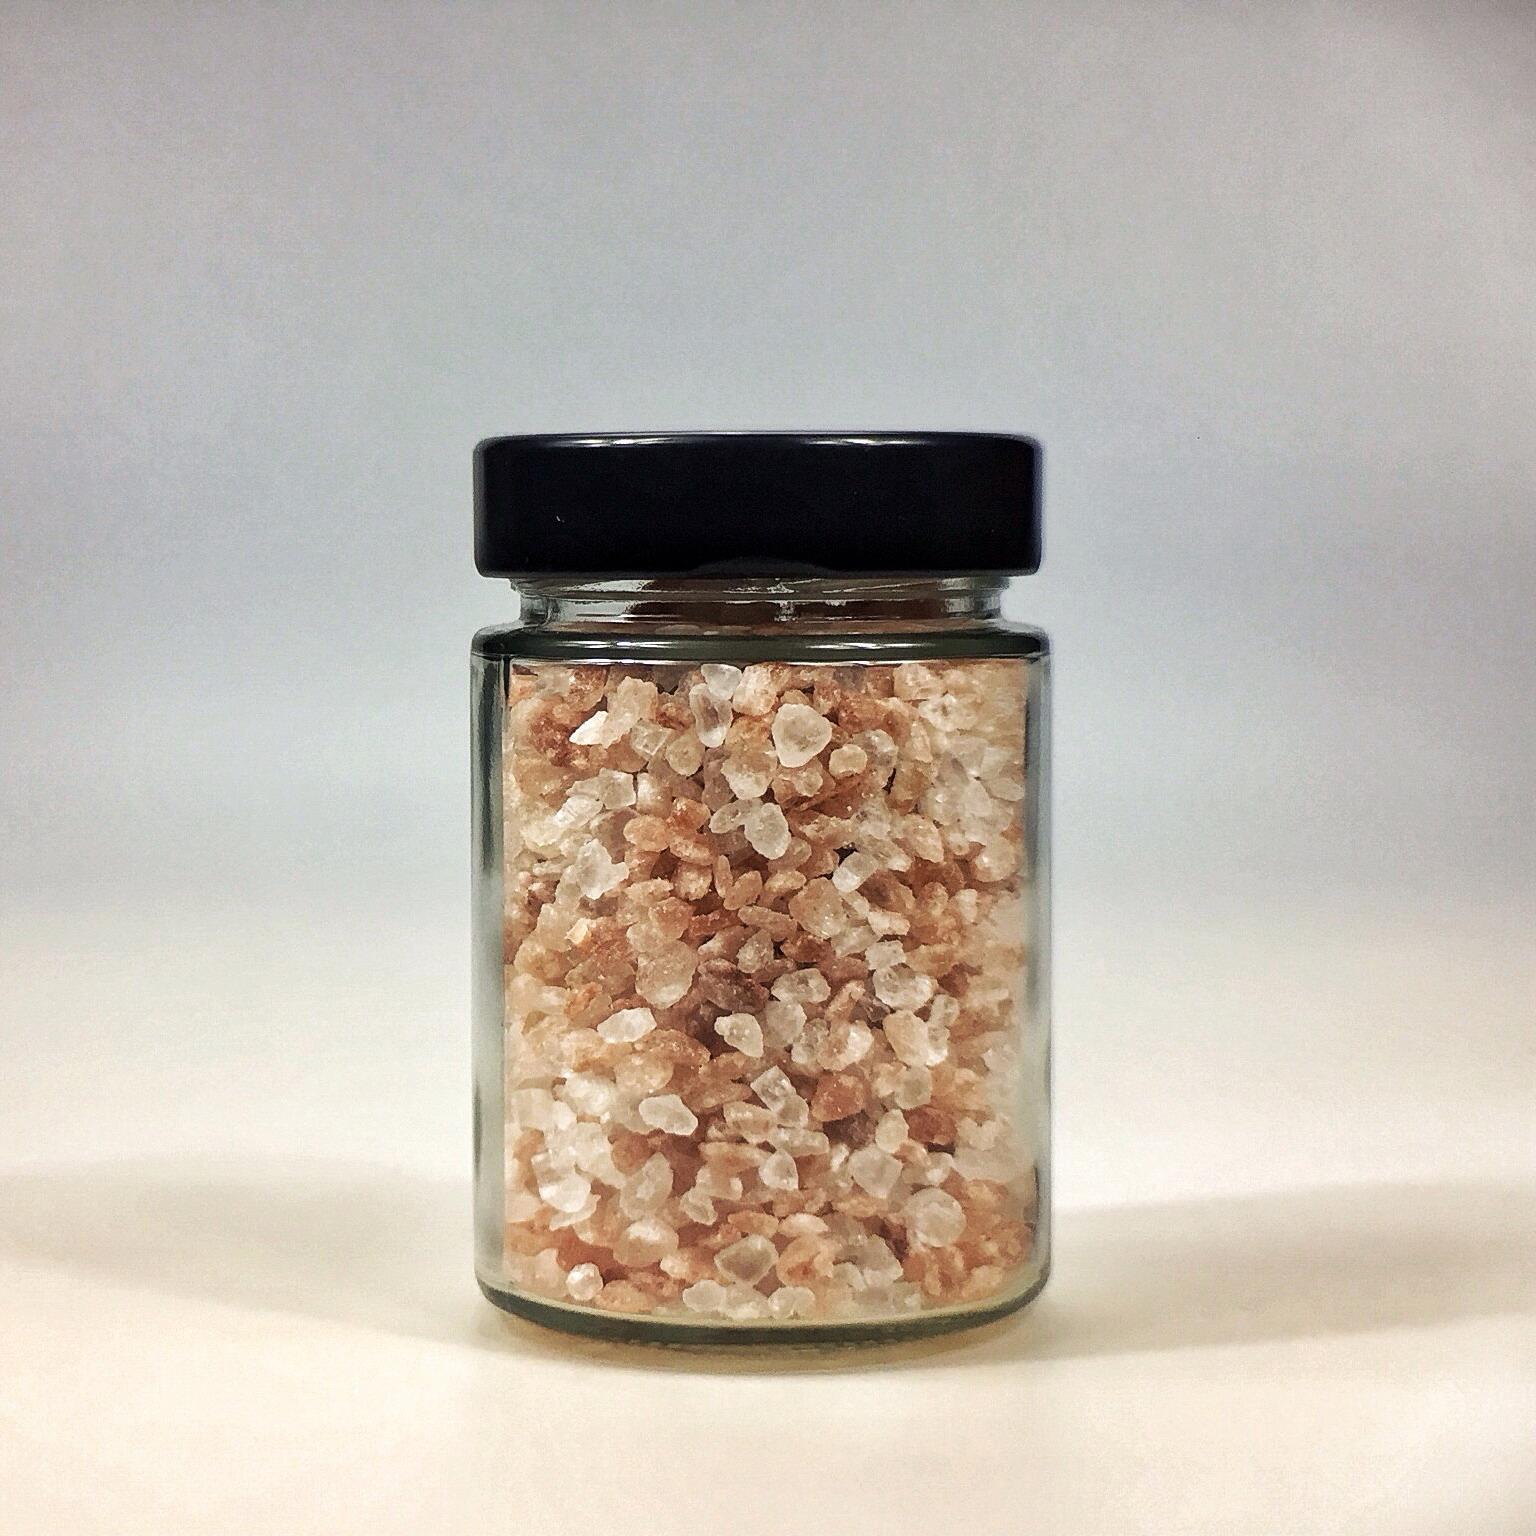 Himalaya Salz grob gemahlen für Salzmühle im kleinen Glas mit schwarzem Deckel